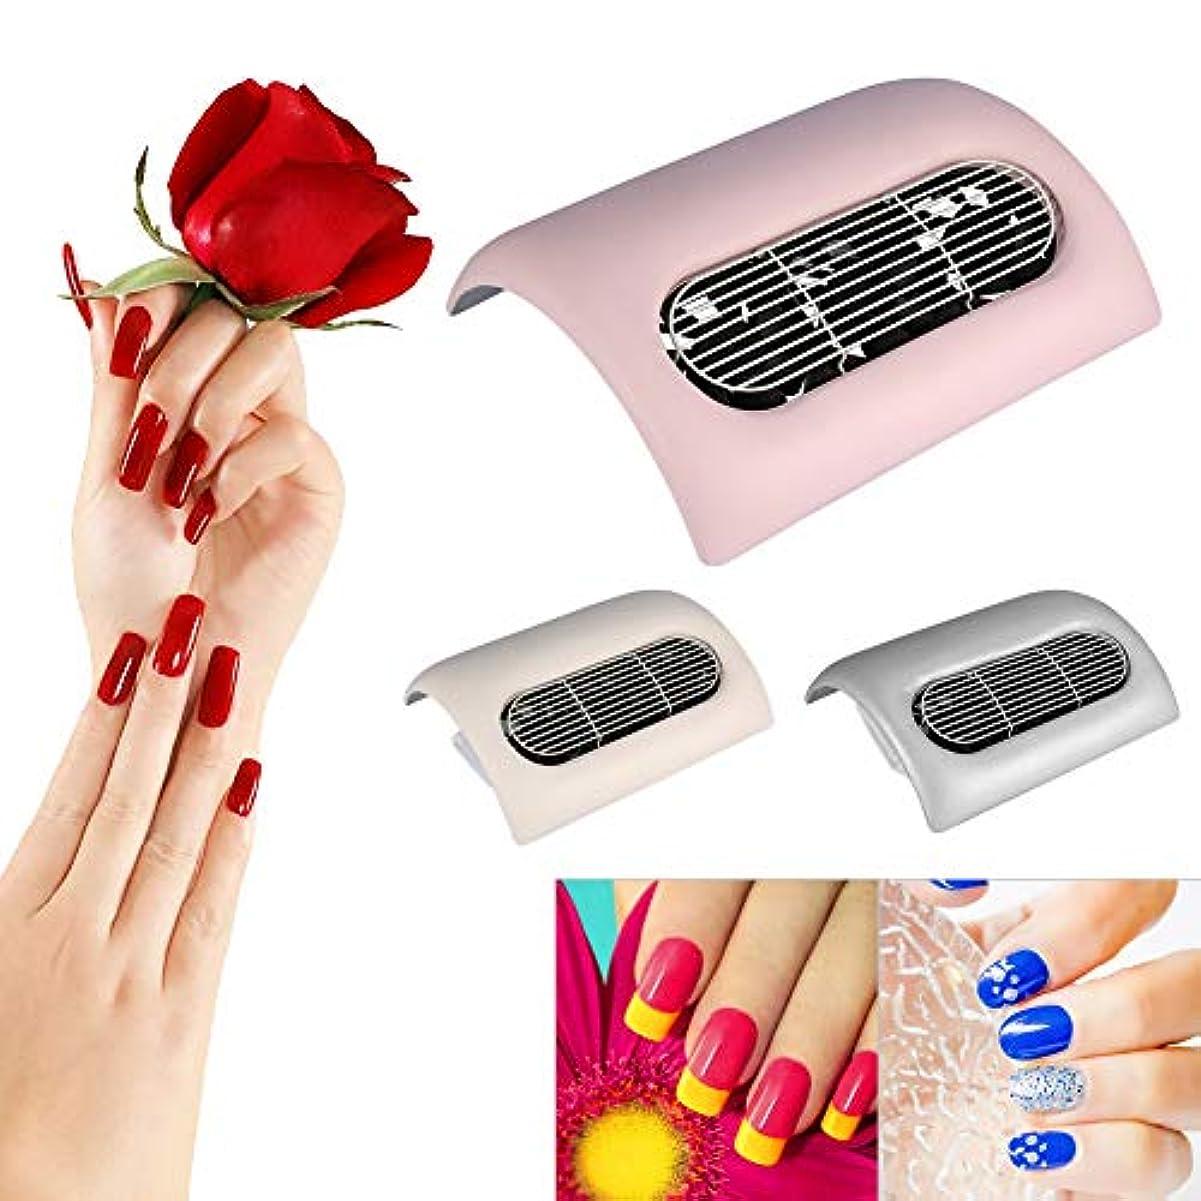 空いている収益見分けるネイルダストコレクター、ネイル掃除機、3色ネイルダスト吸引コレクターサロンアートジェルポリッシュマニキュア掃除機(ピンク)